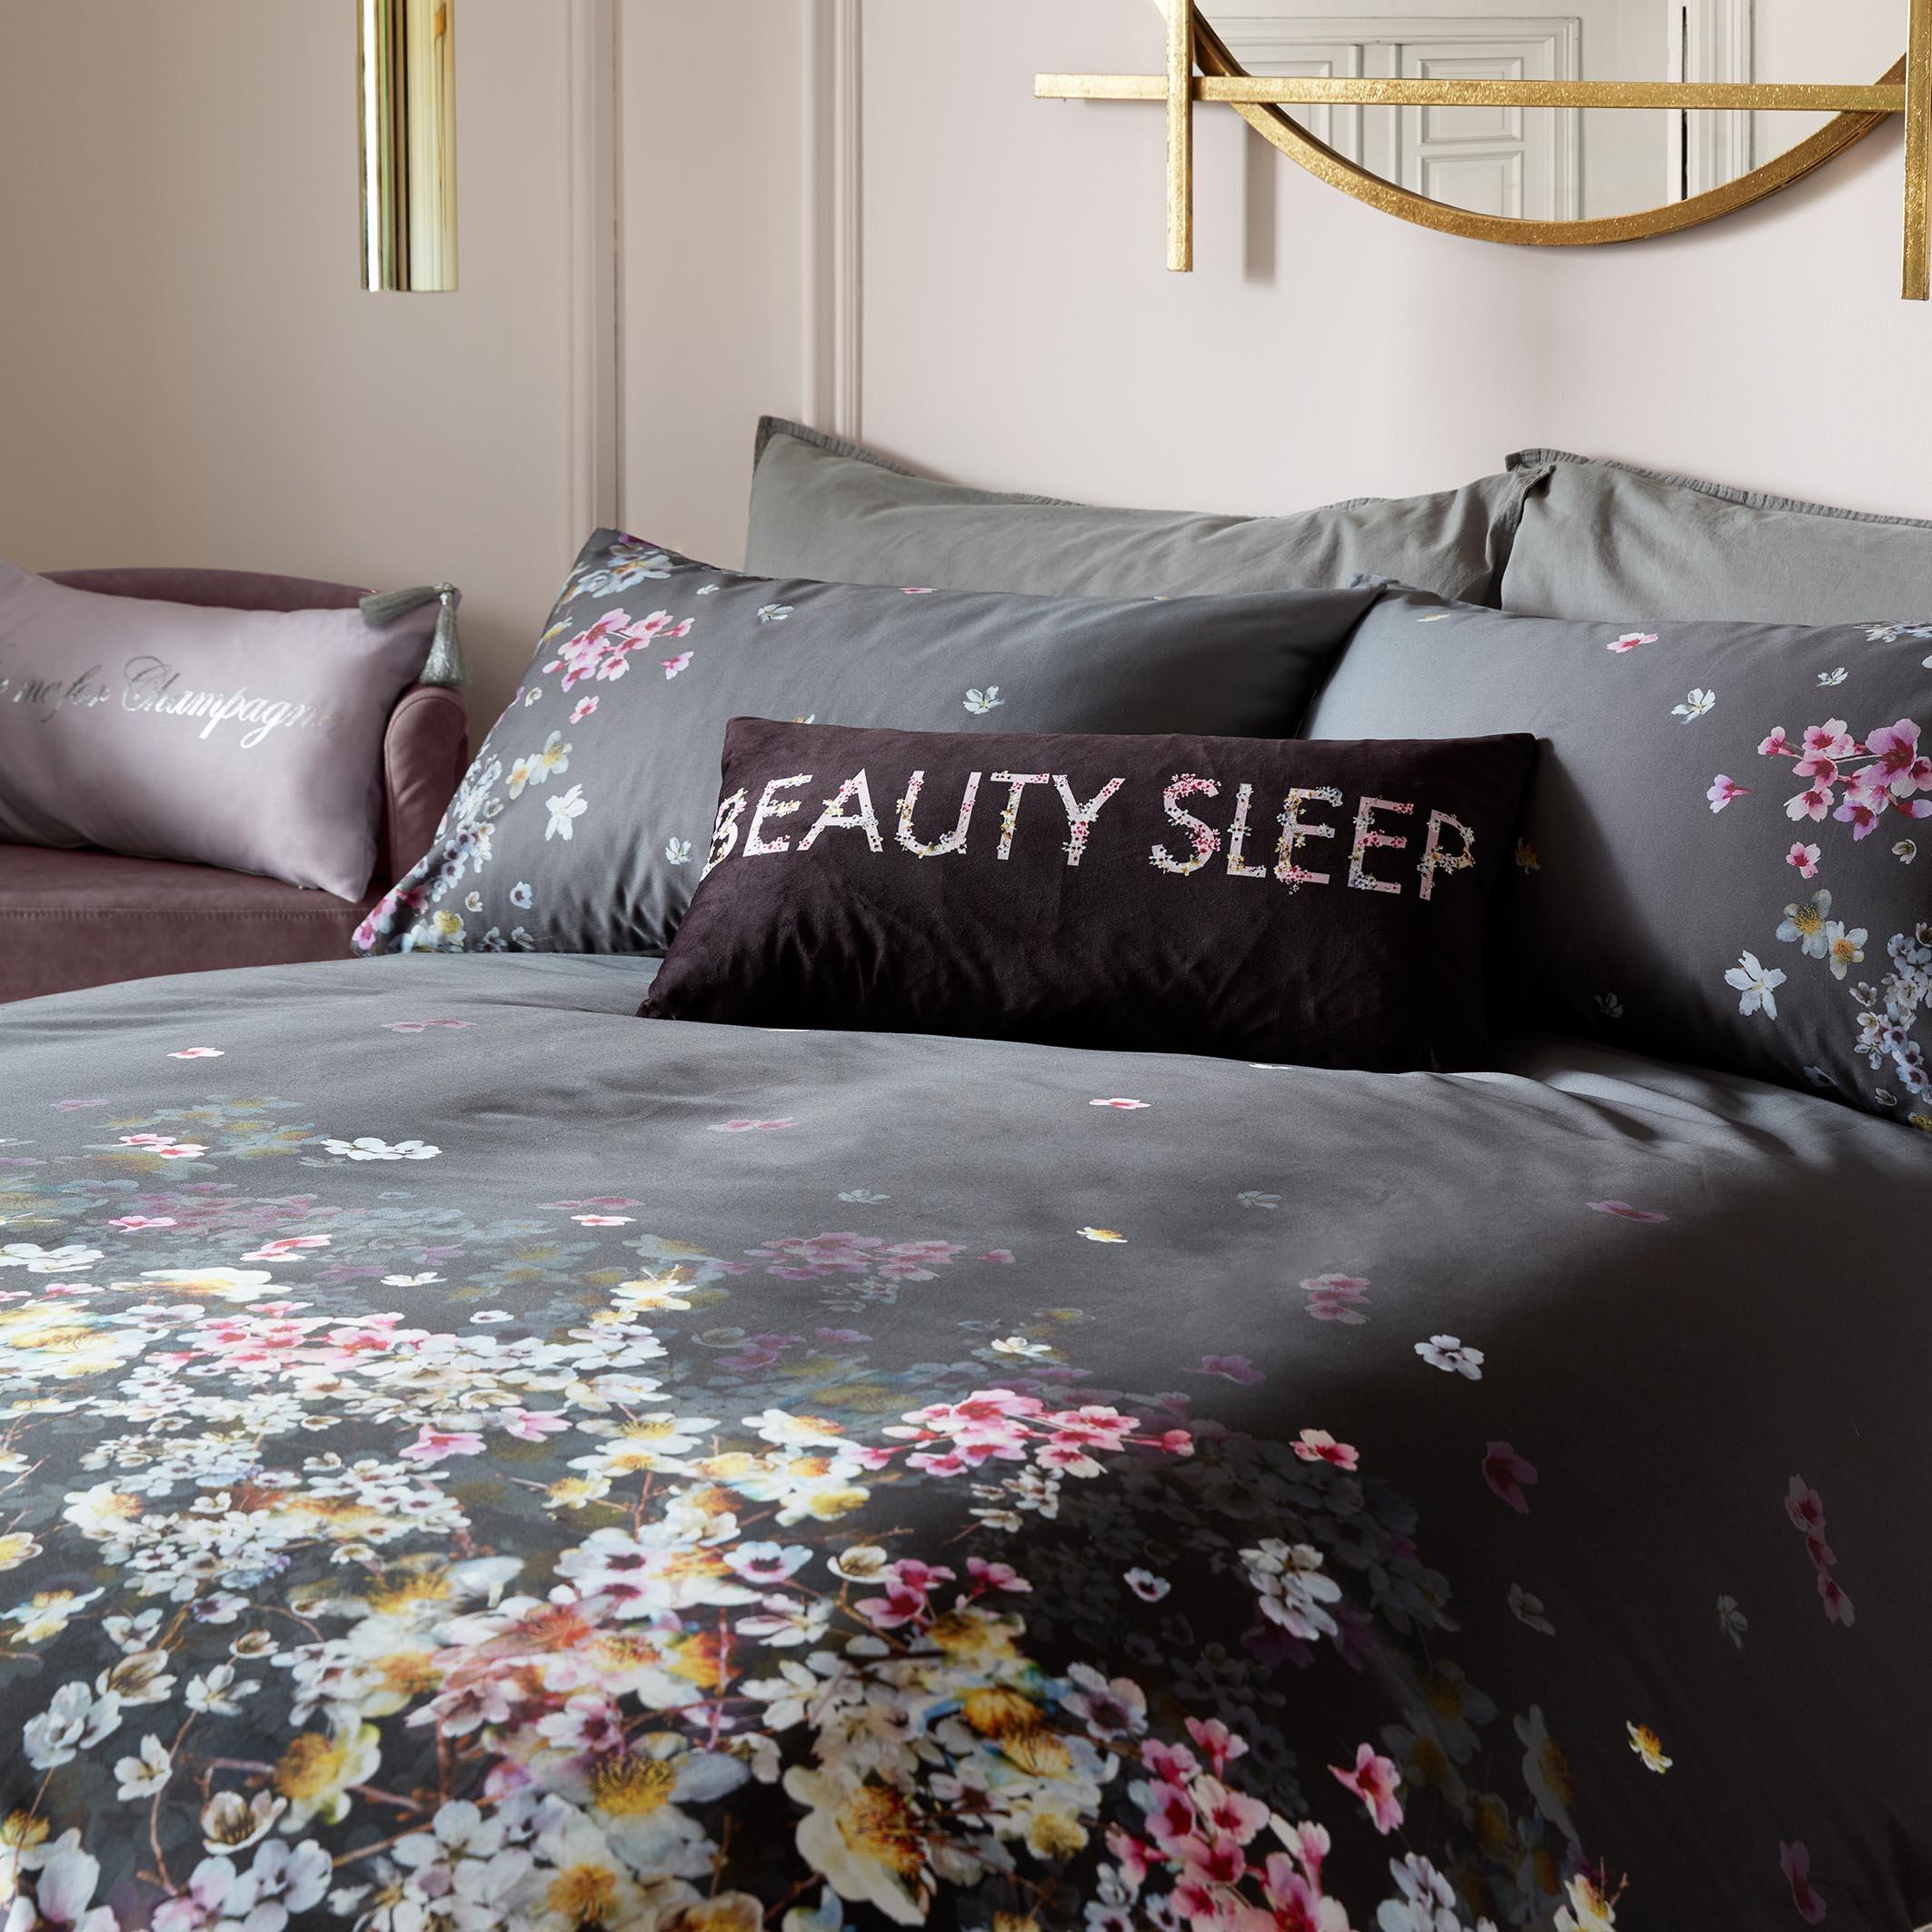 BEAUTY SLEEP LIQUORICE CUSHION 30x60cm